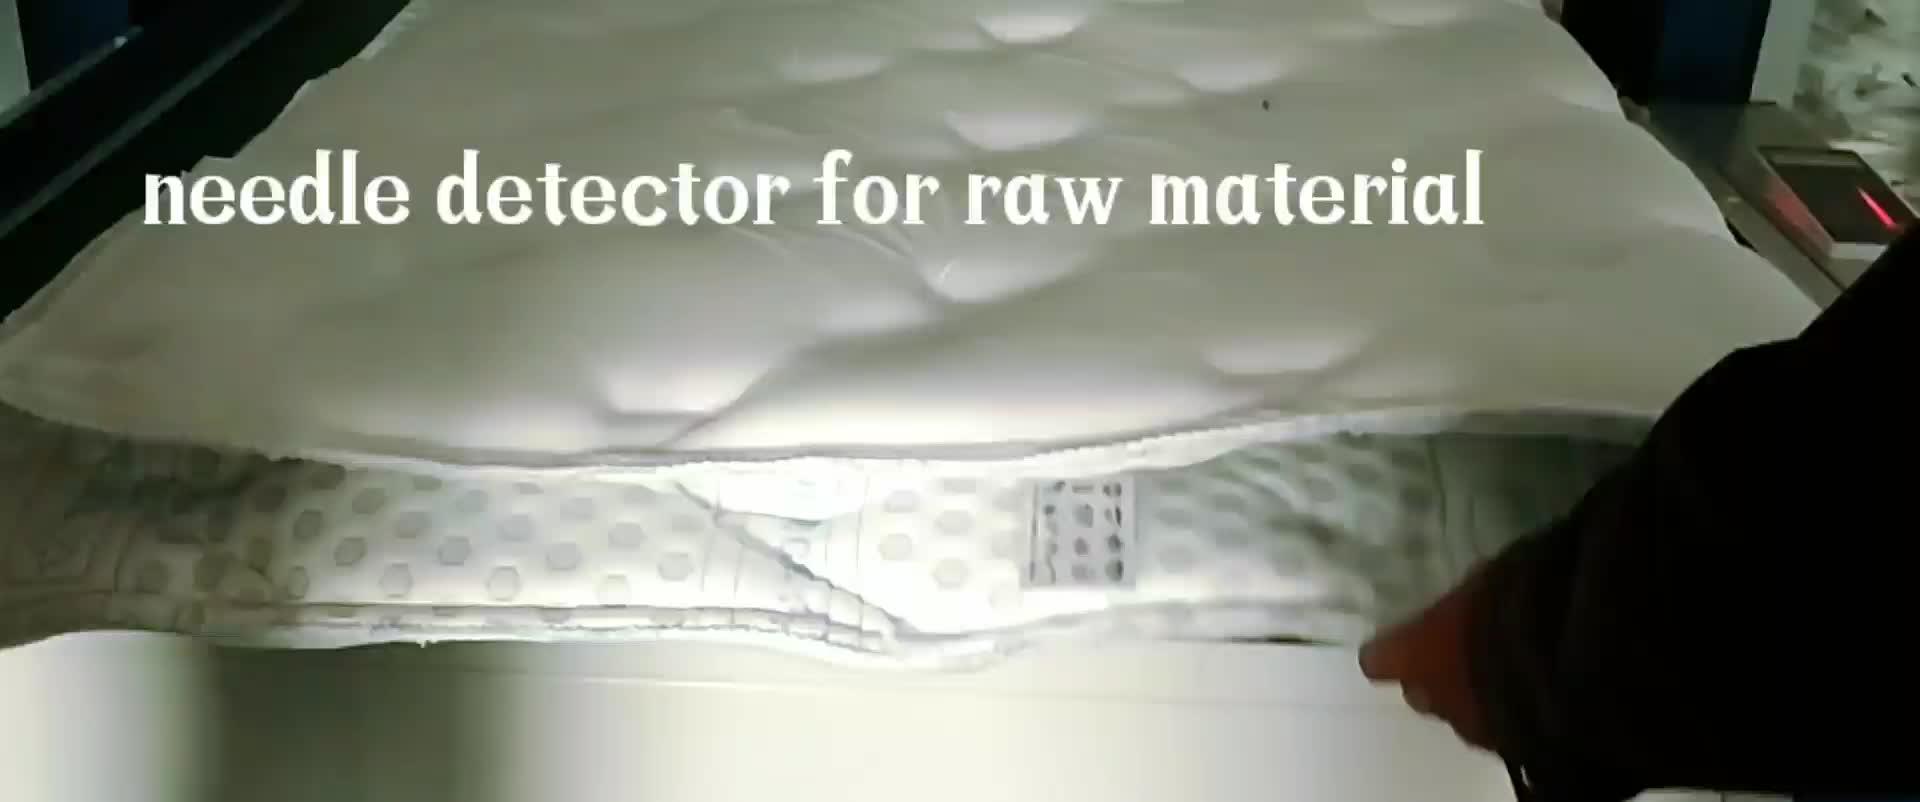 Zwei schicht visco matratze drei viertel stoff abdeckung matratze